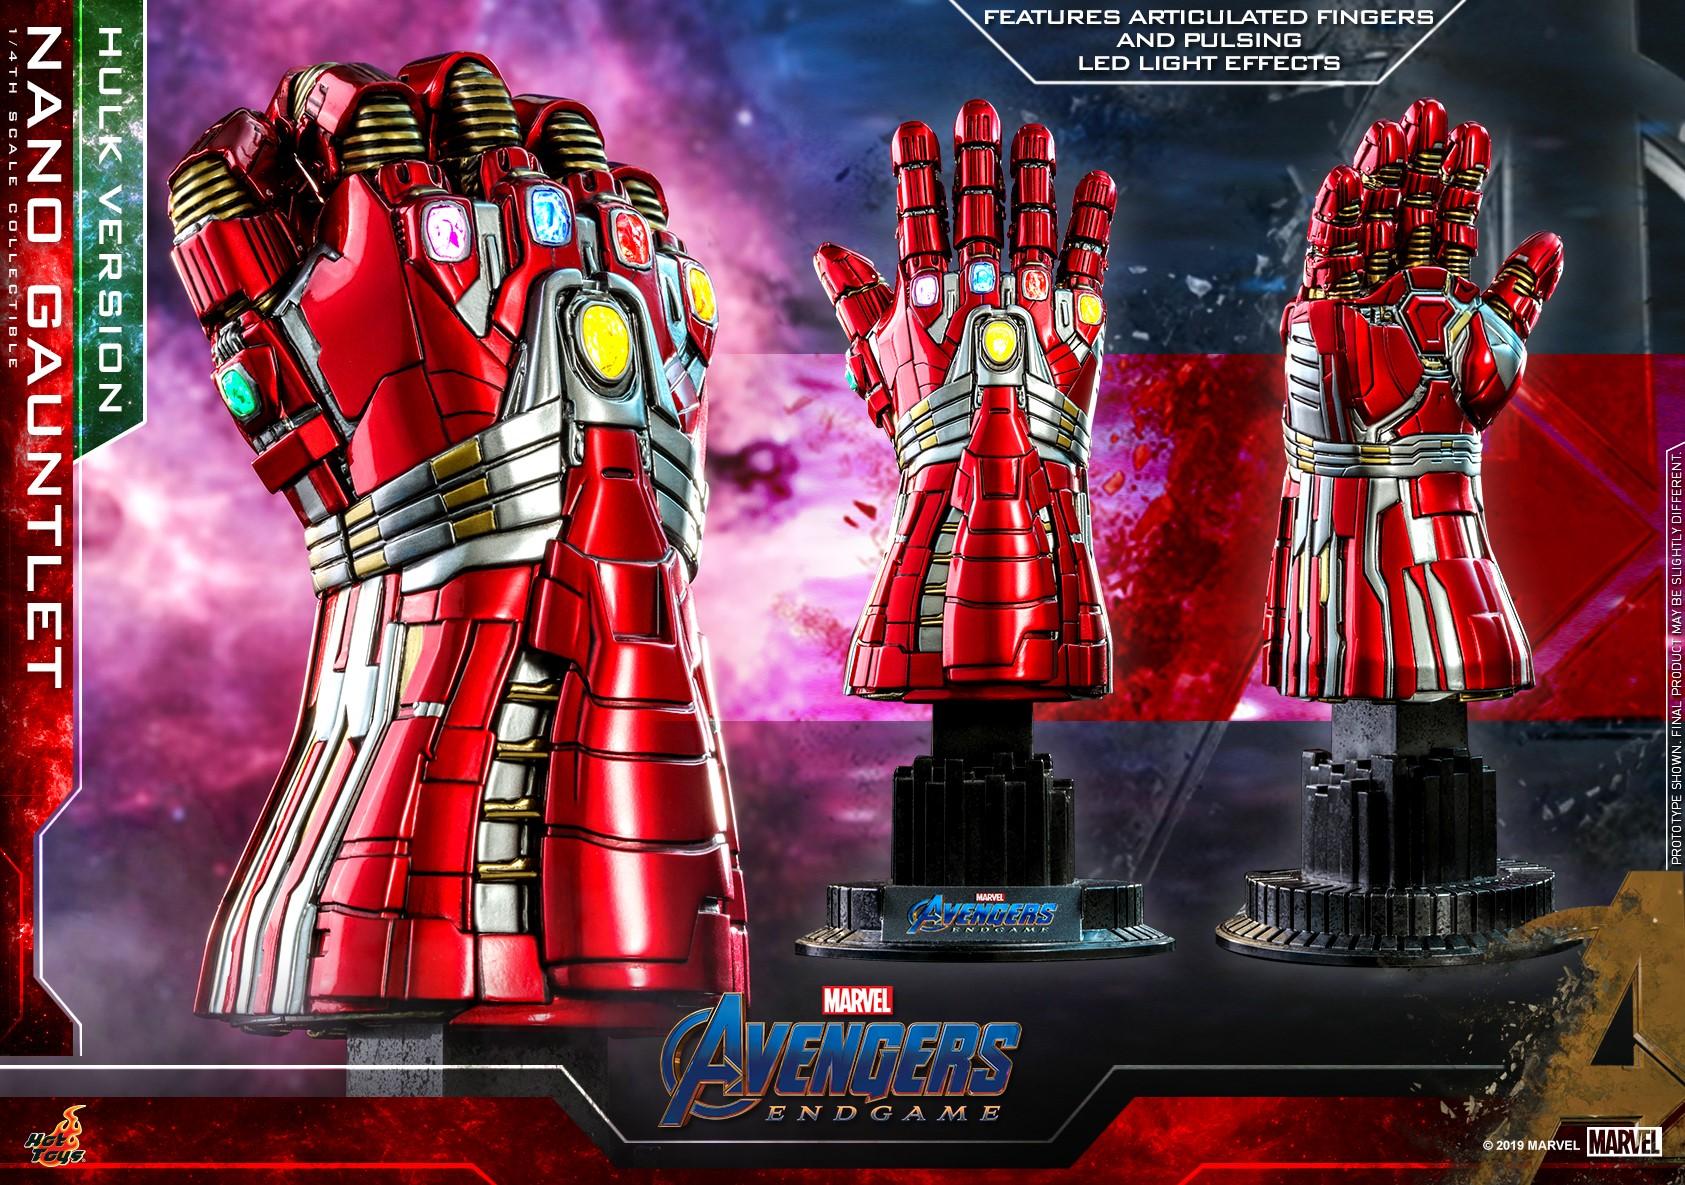 รีวิว Hot toys Nano Gauntlet Avengers: Endgame